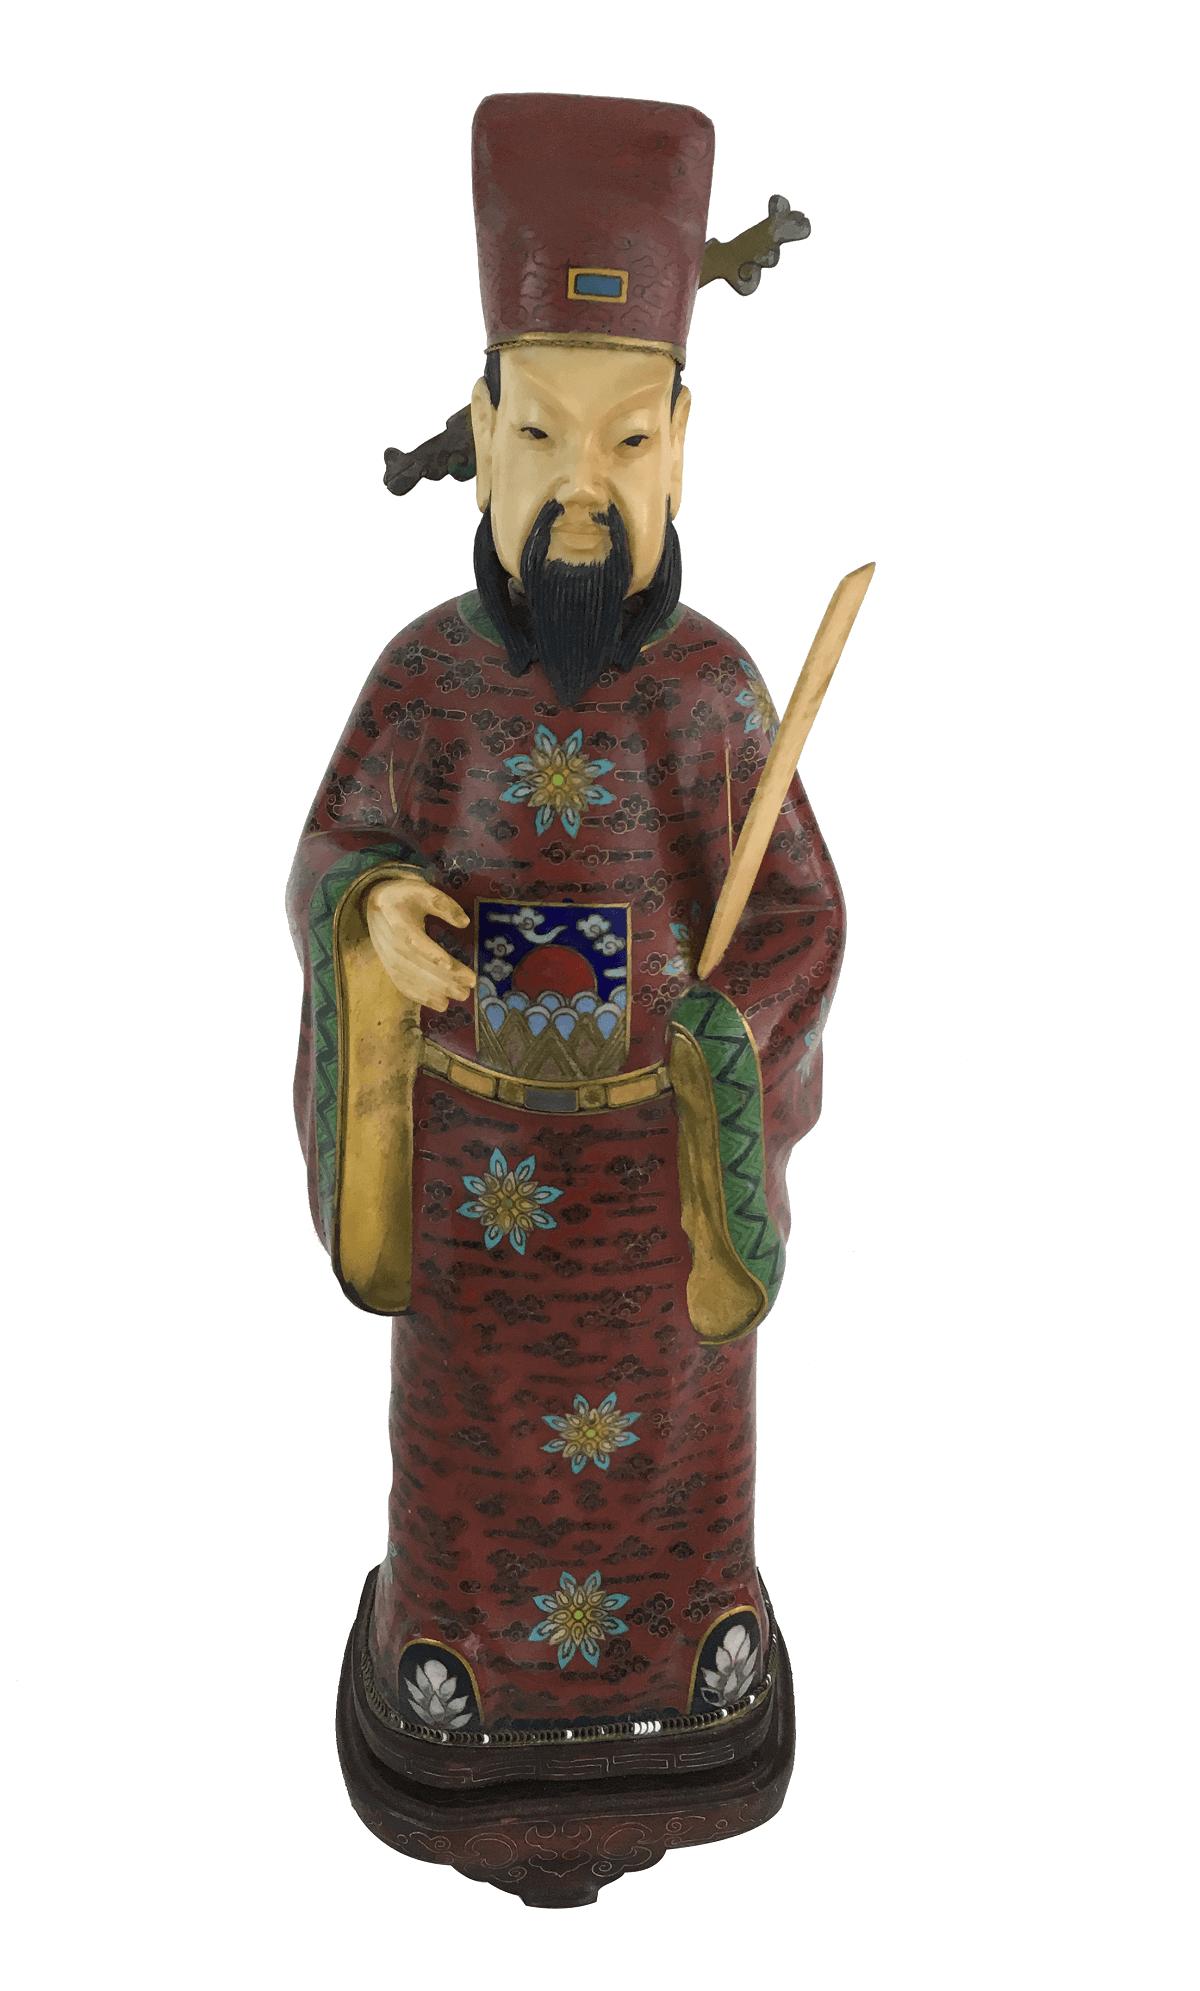 Antiga Escultura Chinesa Em Cloisonne E Marfim Na Caixa Original